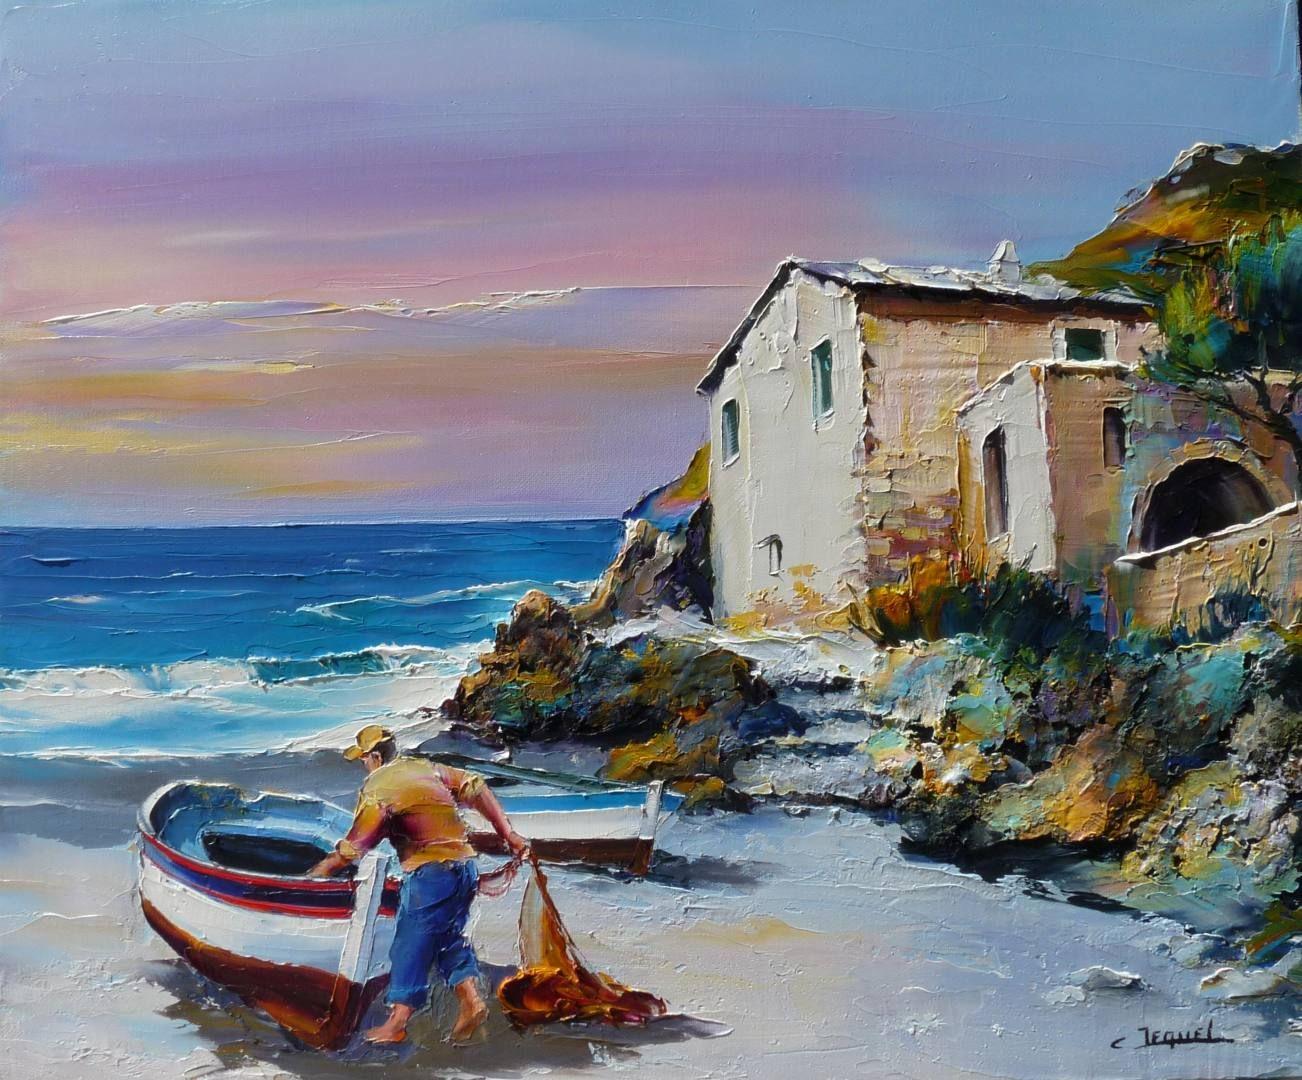 C Jequel Bord De Mer En Corse Fishermen At Sea Painting